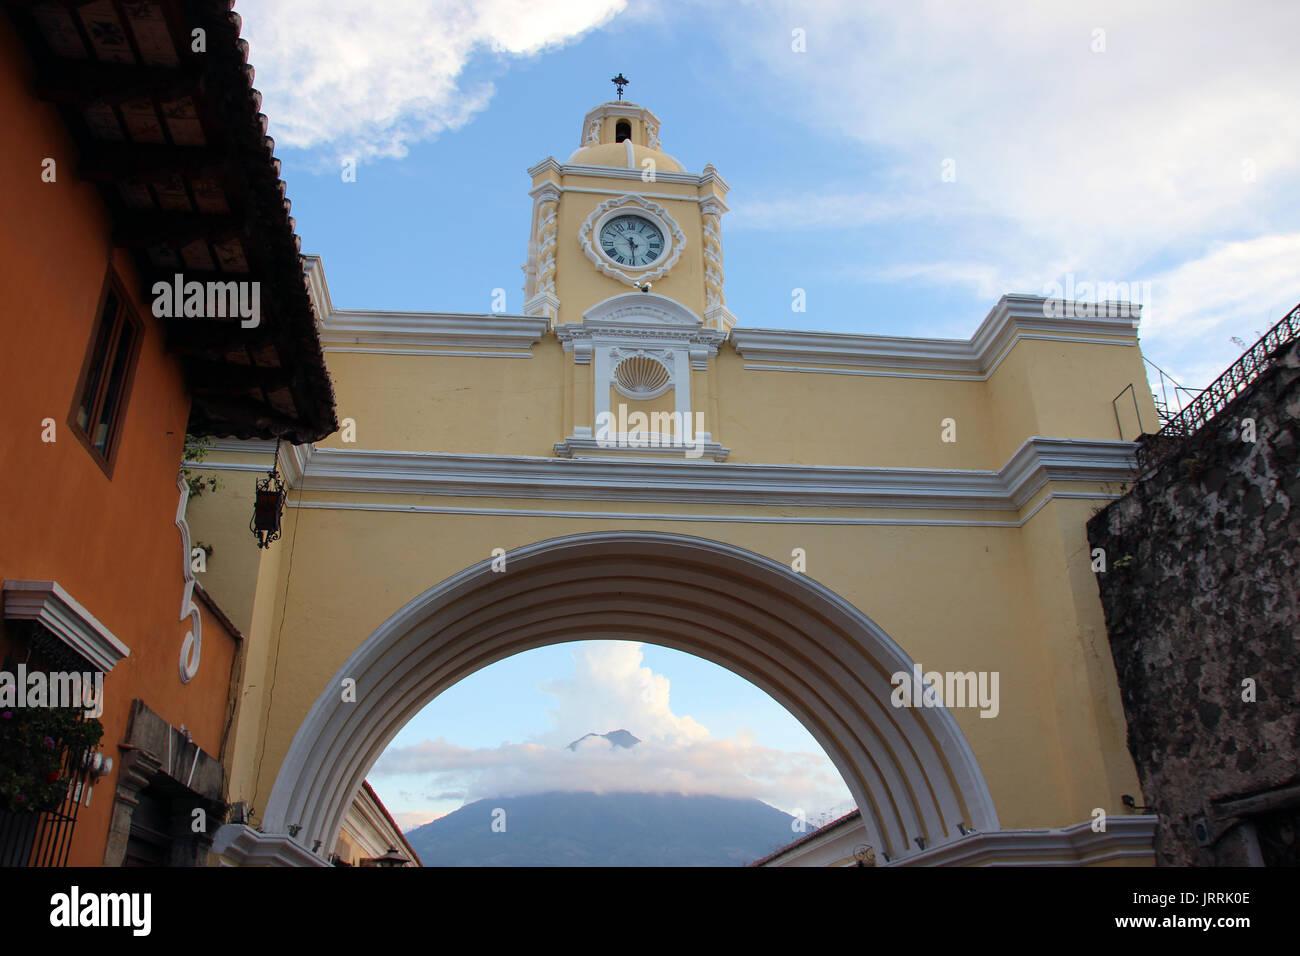 Arco con reloj en la calle principal de La Antigua Guatemala, al fondo se ve el volcán de agua, el arco es icono de la ciudad y un punto de encuentro - Stock Image